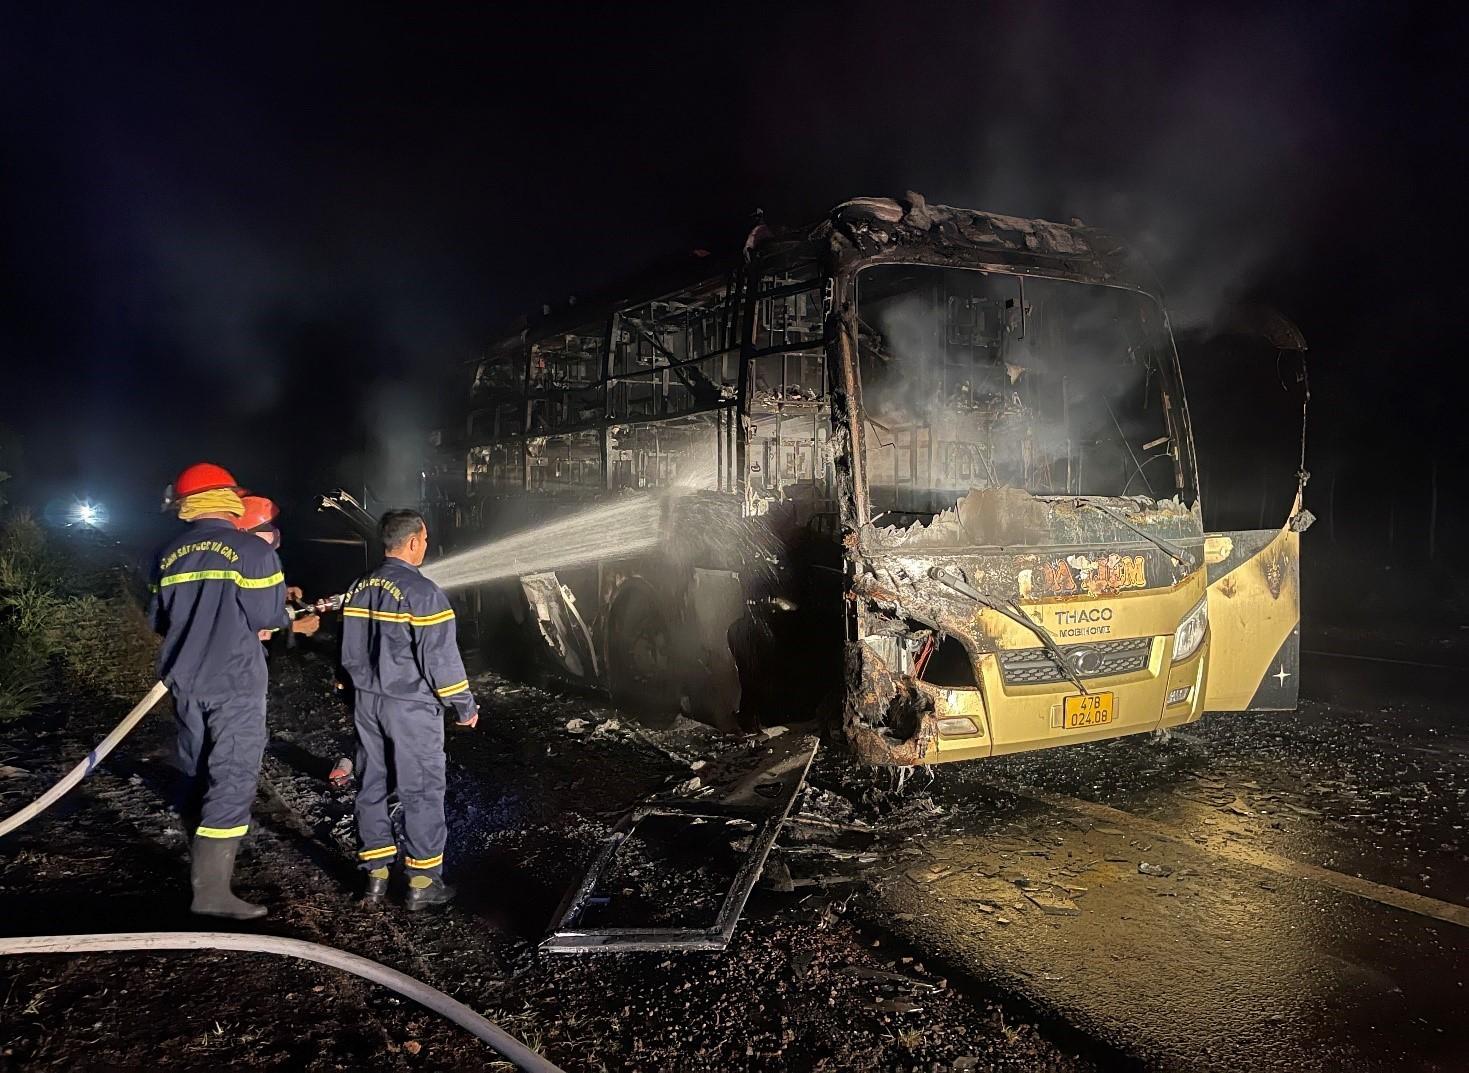 Đắk Nông: Xe khách bốc cháy dữ dội trong đêm